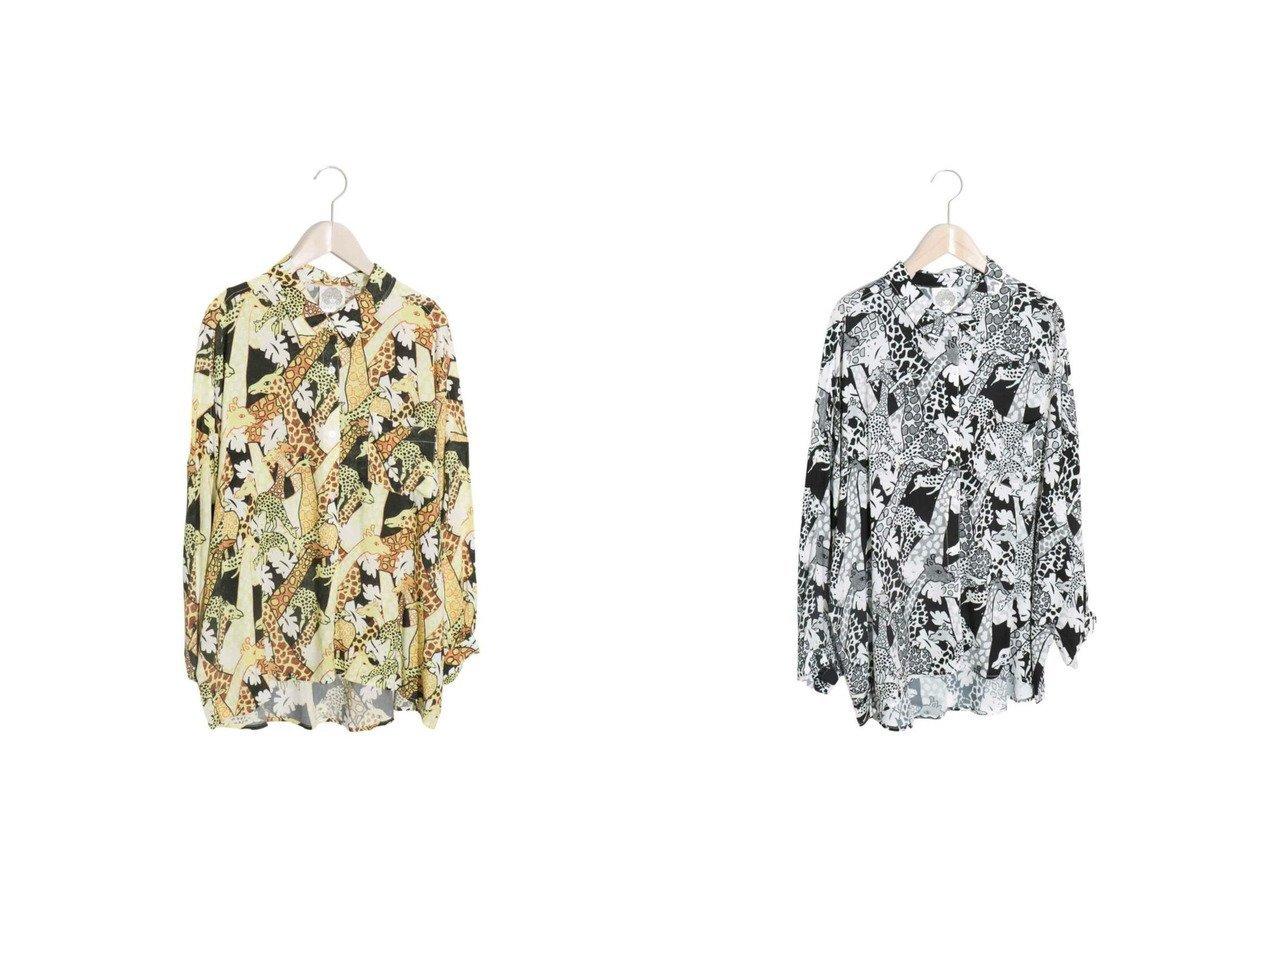 【ScoLar/スカラー】のキリン総柄シャツ おすすめ!人気、トレンド・レディースファッションの通販 おすすめで人気の流行・トレンド、ファッションの通販商品 インテリア・家具・メンズファッション・キッズファッション・レディースファッション・服の通販 founy(ファニー) https://founy.com/ ファッション Fashion レディースファッション WOMEN トップス・カットソー Tops/Tshirt シャツ/ブラウス Shirts/Blouses 2021年 2021 2021春夏・S/S SS/Spring/Summer/2021 S/S・春夏 SS・Spring/Summer シンプル ドレープ バランス ポケット リラックス 夏 Summer 春 Spring |ID:crp329100000060786